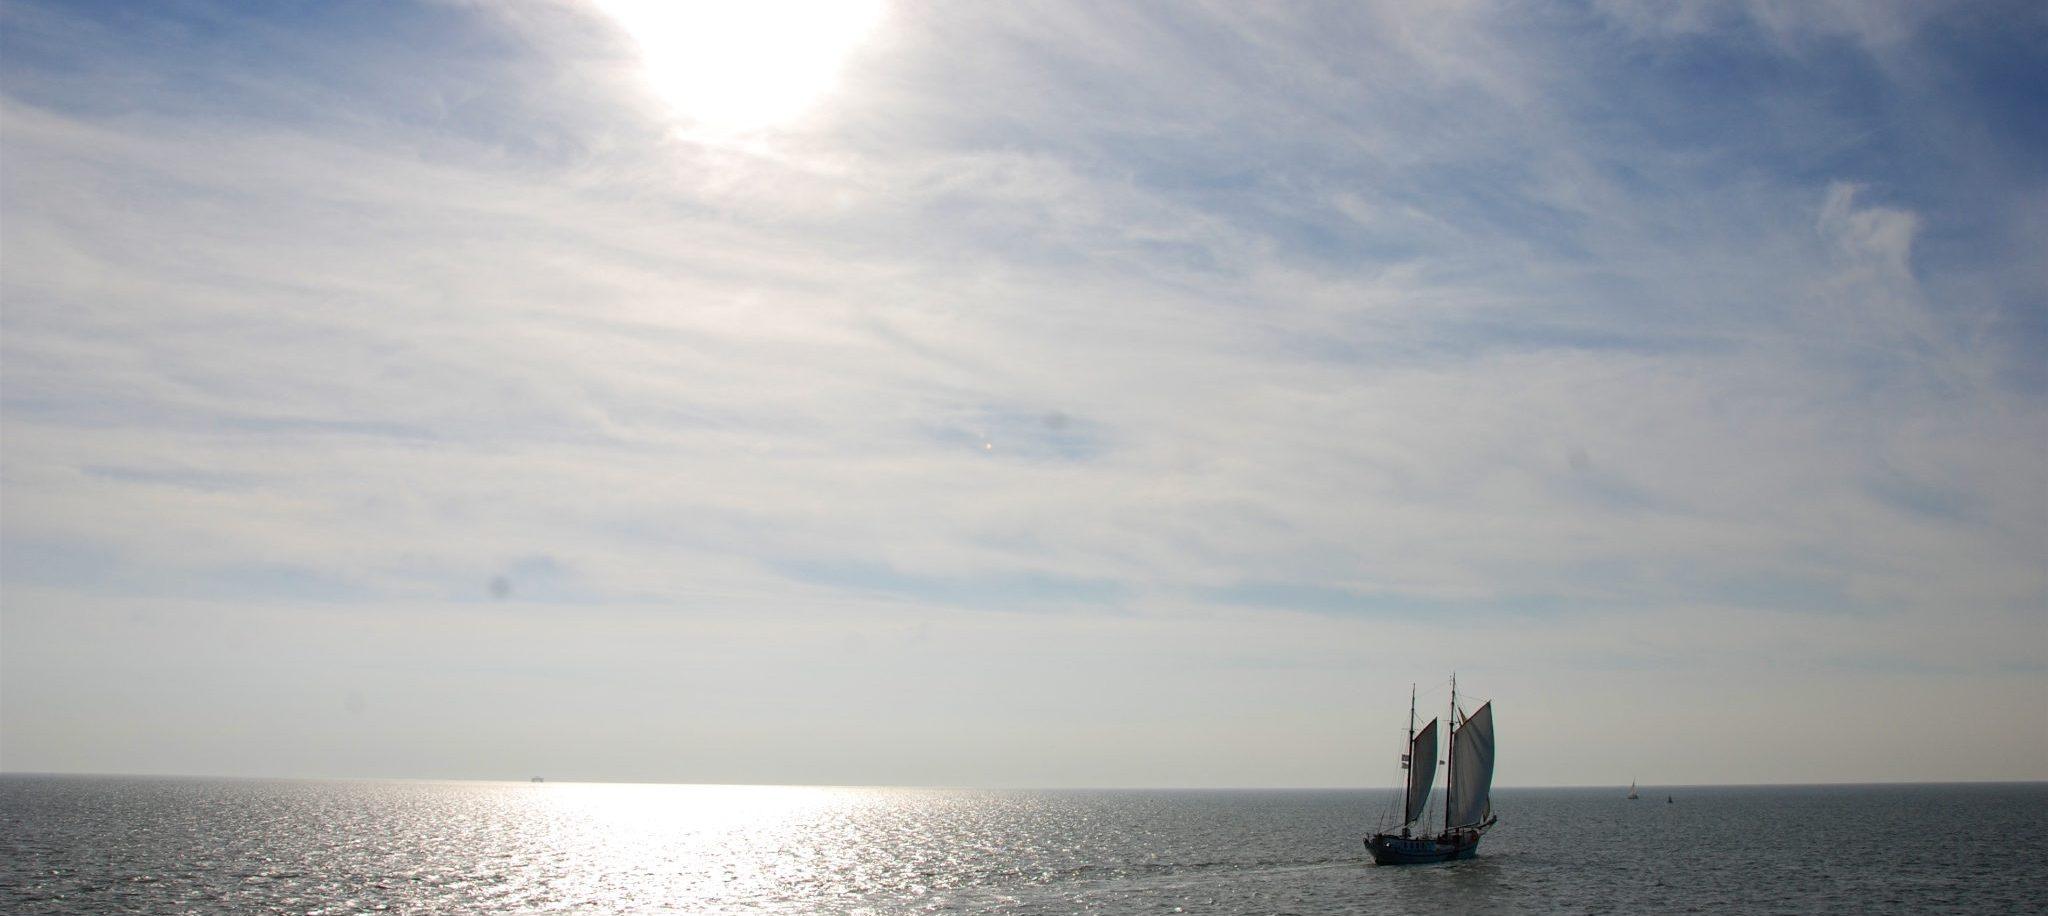 wedstrijd zeilen Race of the Classics Rotterdam op zeilschip Meander